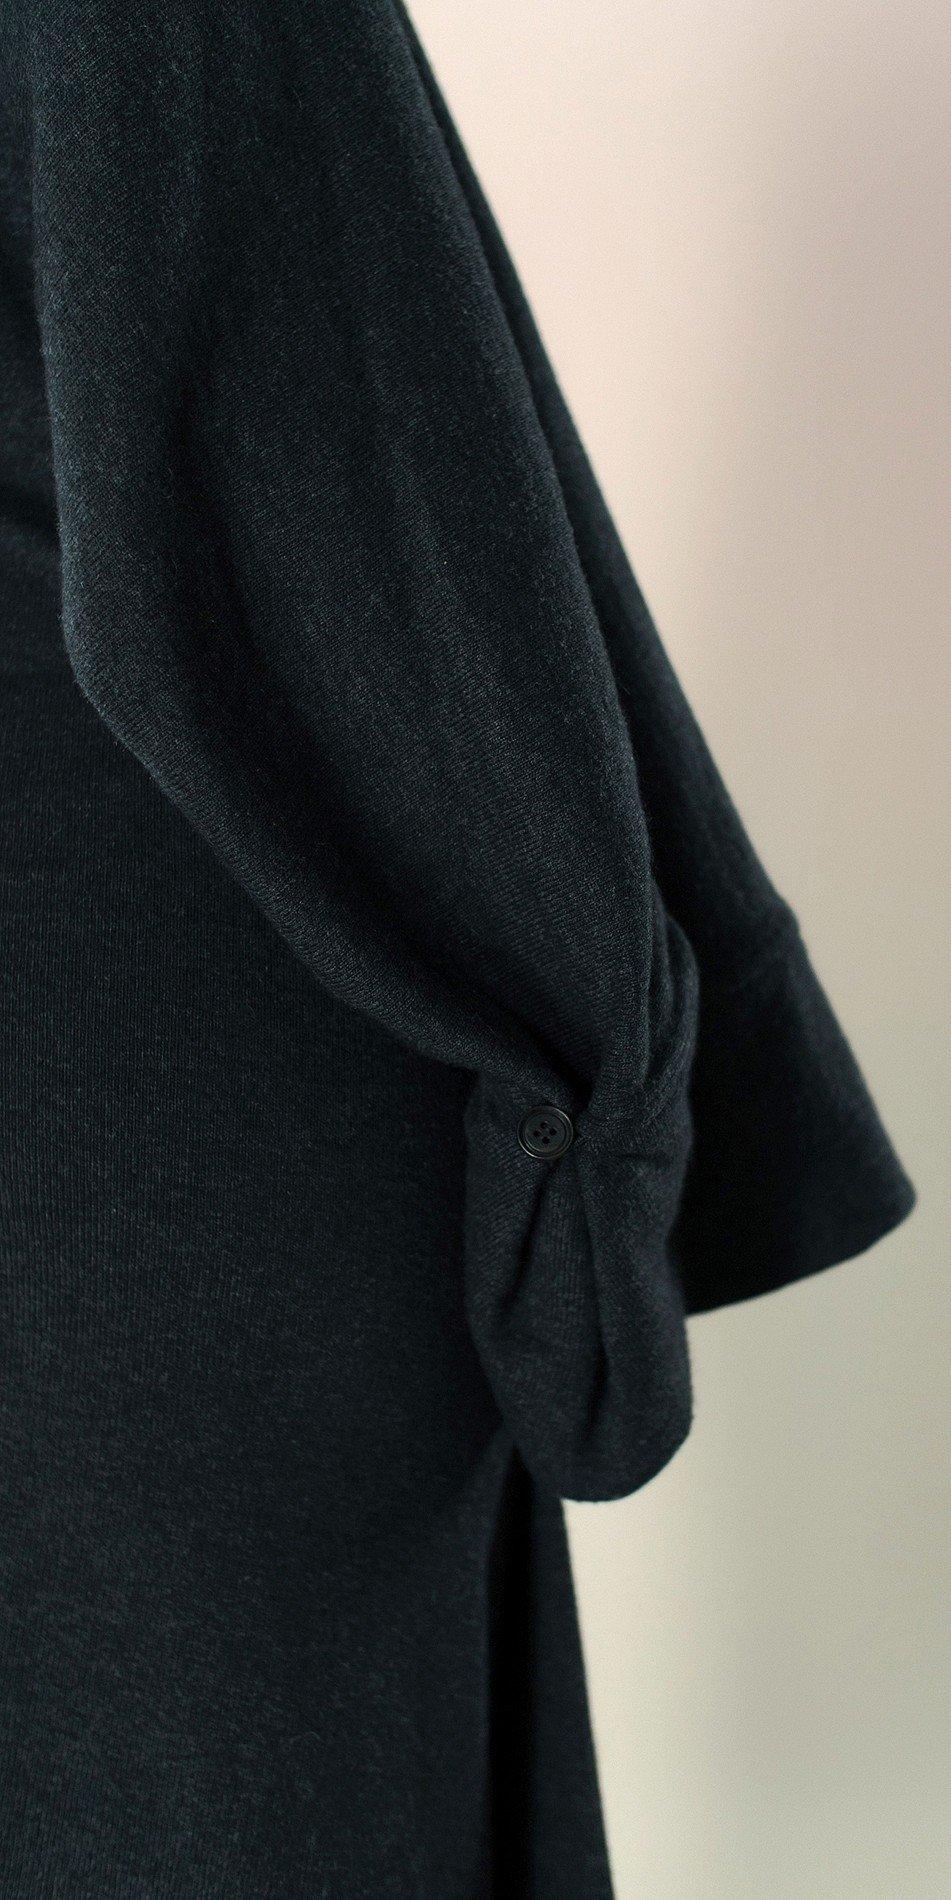 samurai coat blk 5 r